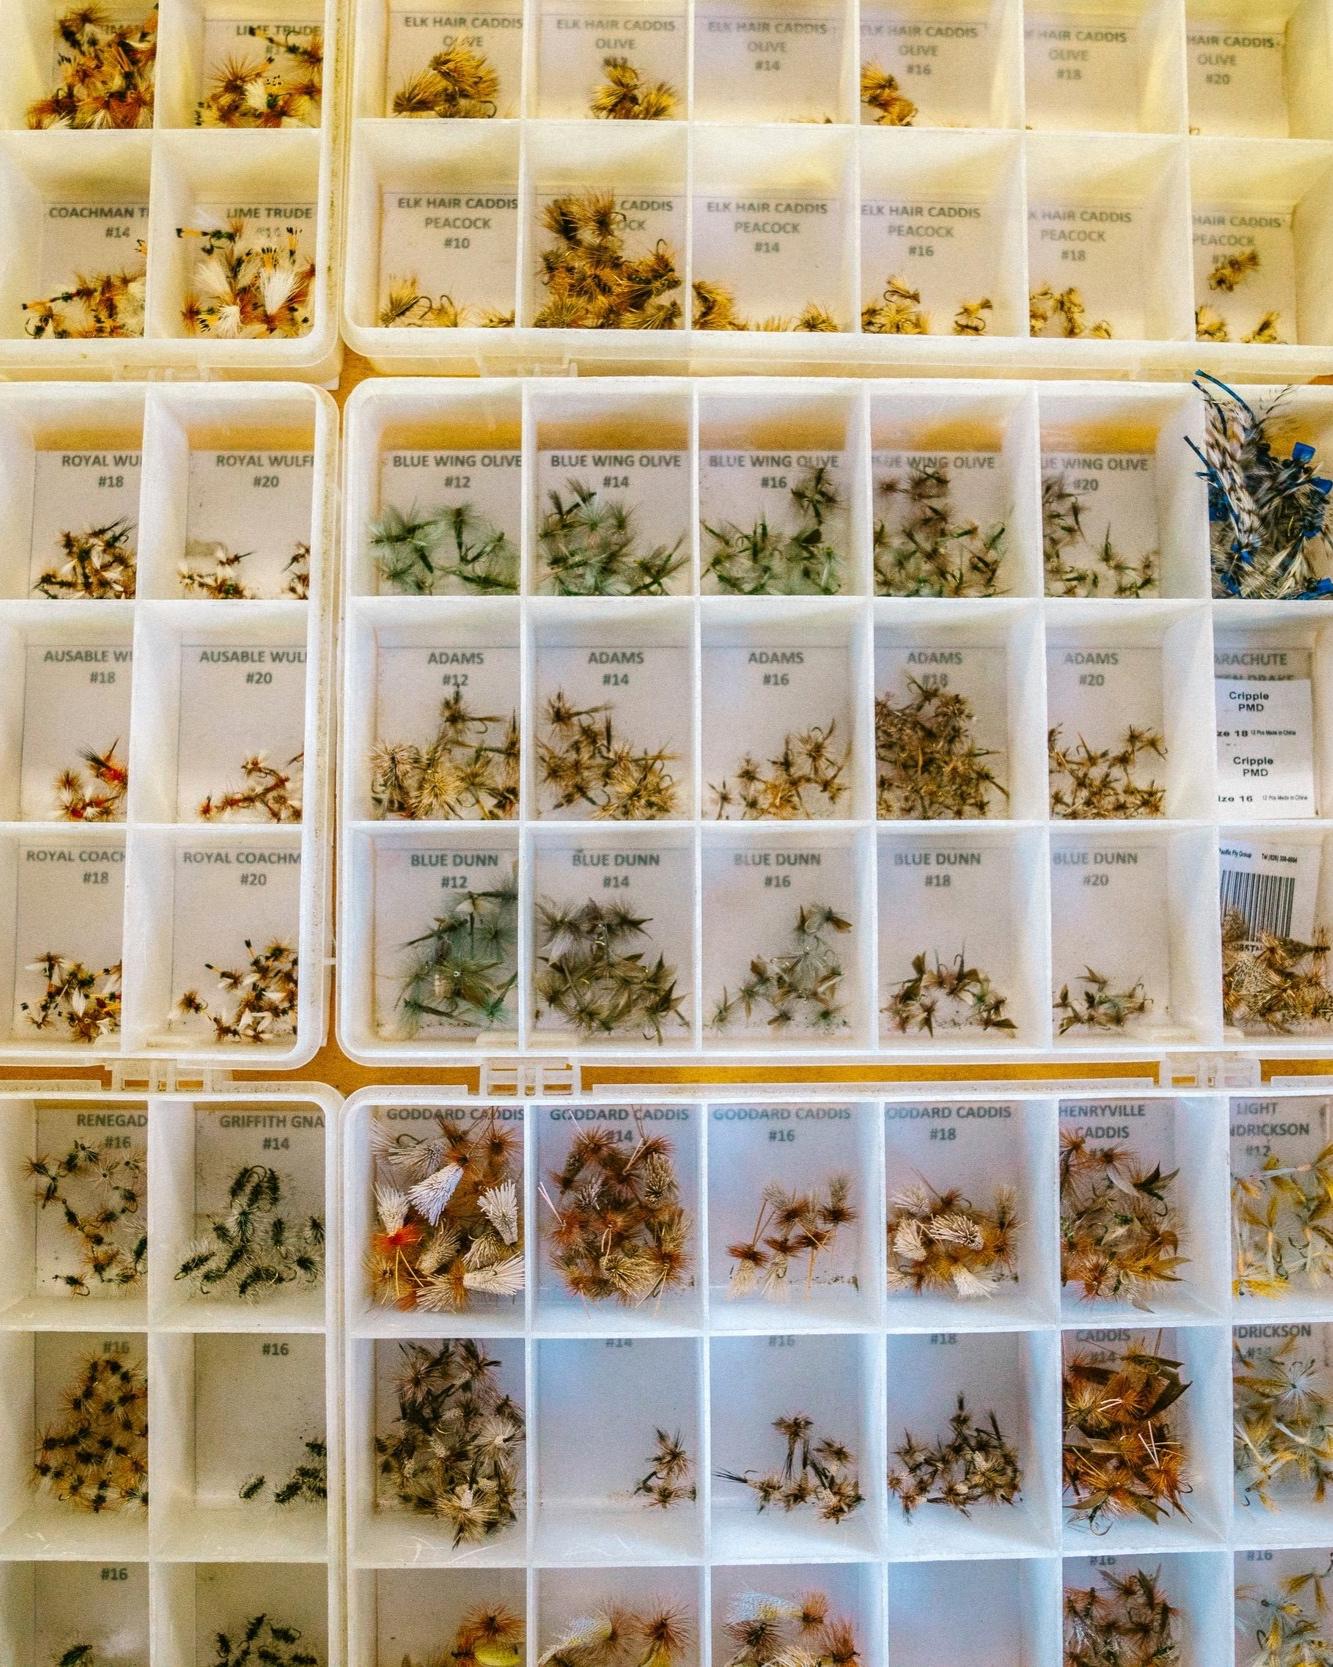 Herbal Medicine - Add a description of your services here. Cras mattis consectetur purus sit amet fermentum. Justo odio, dapibus ac facilisis. Cum sociis natoque penatibus et magnis dolor sit amet.